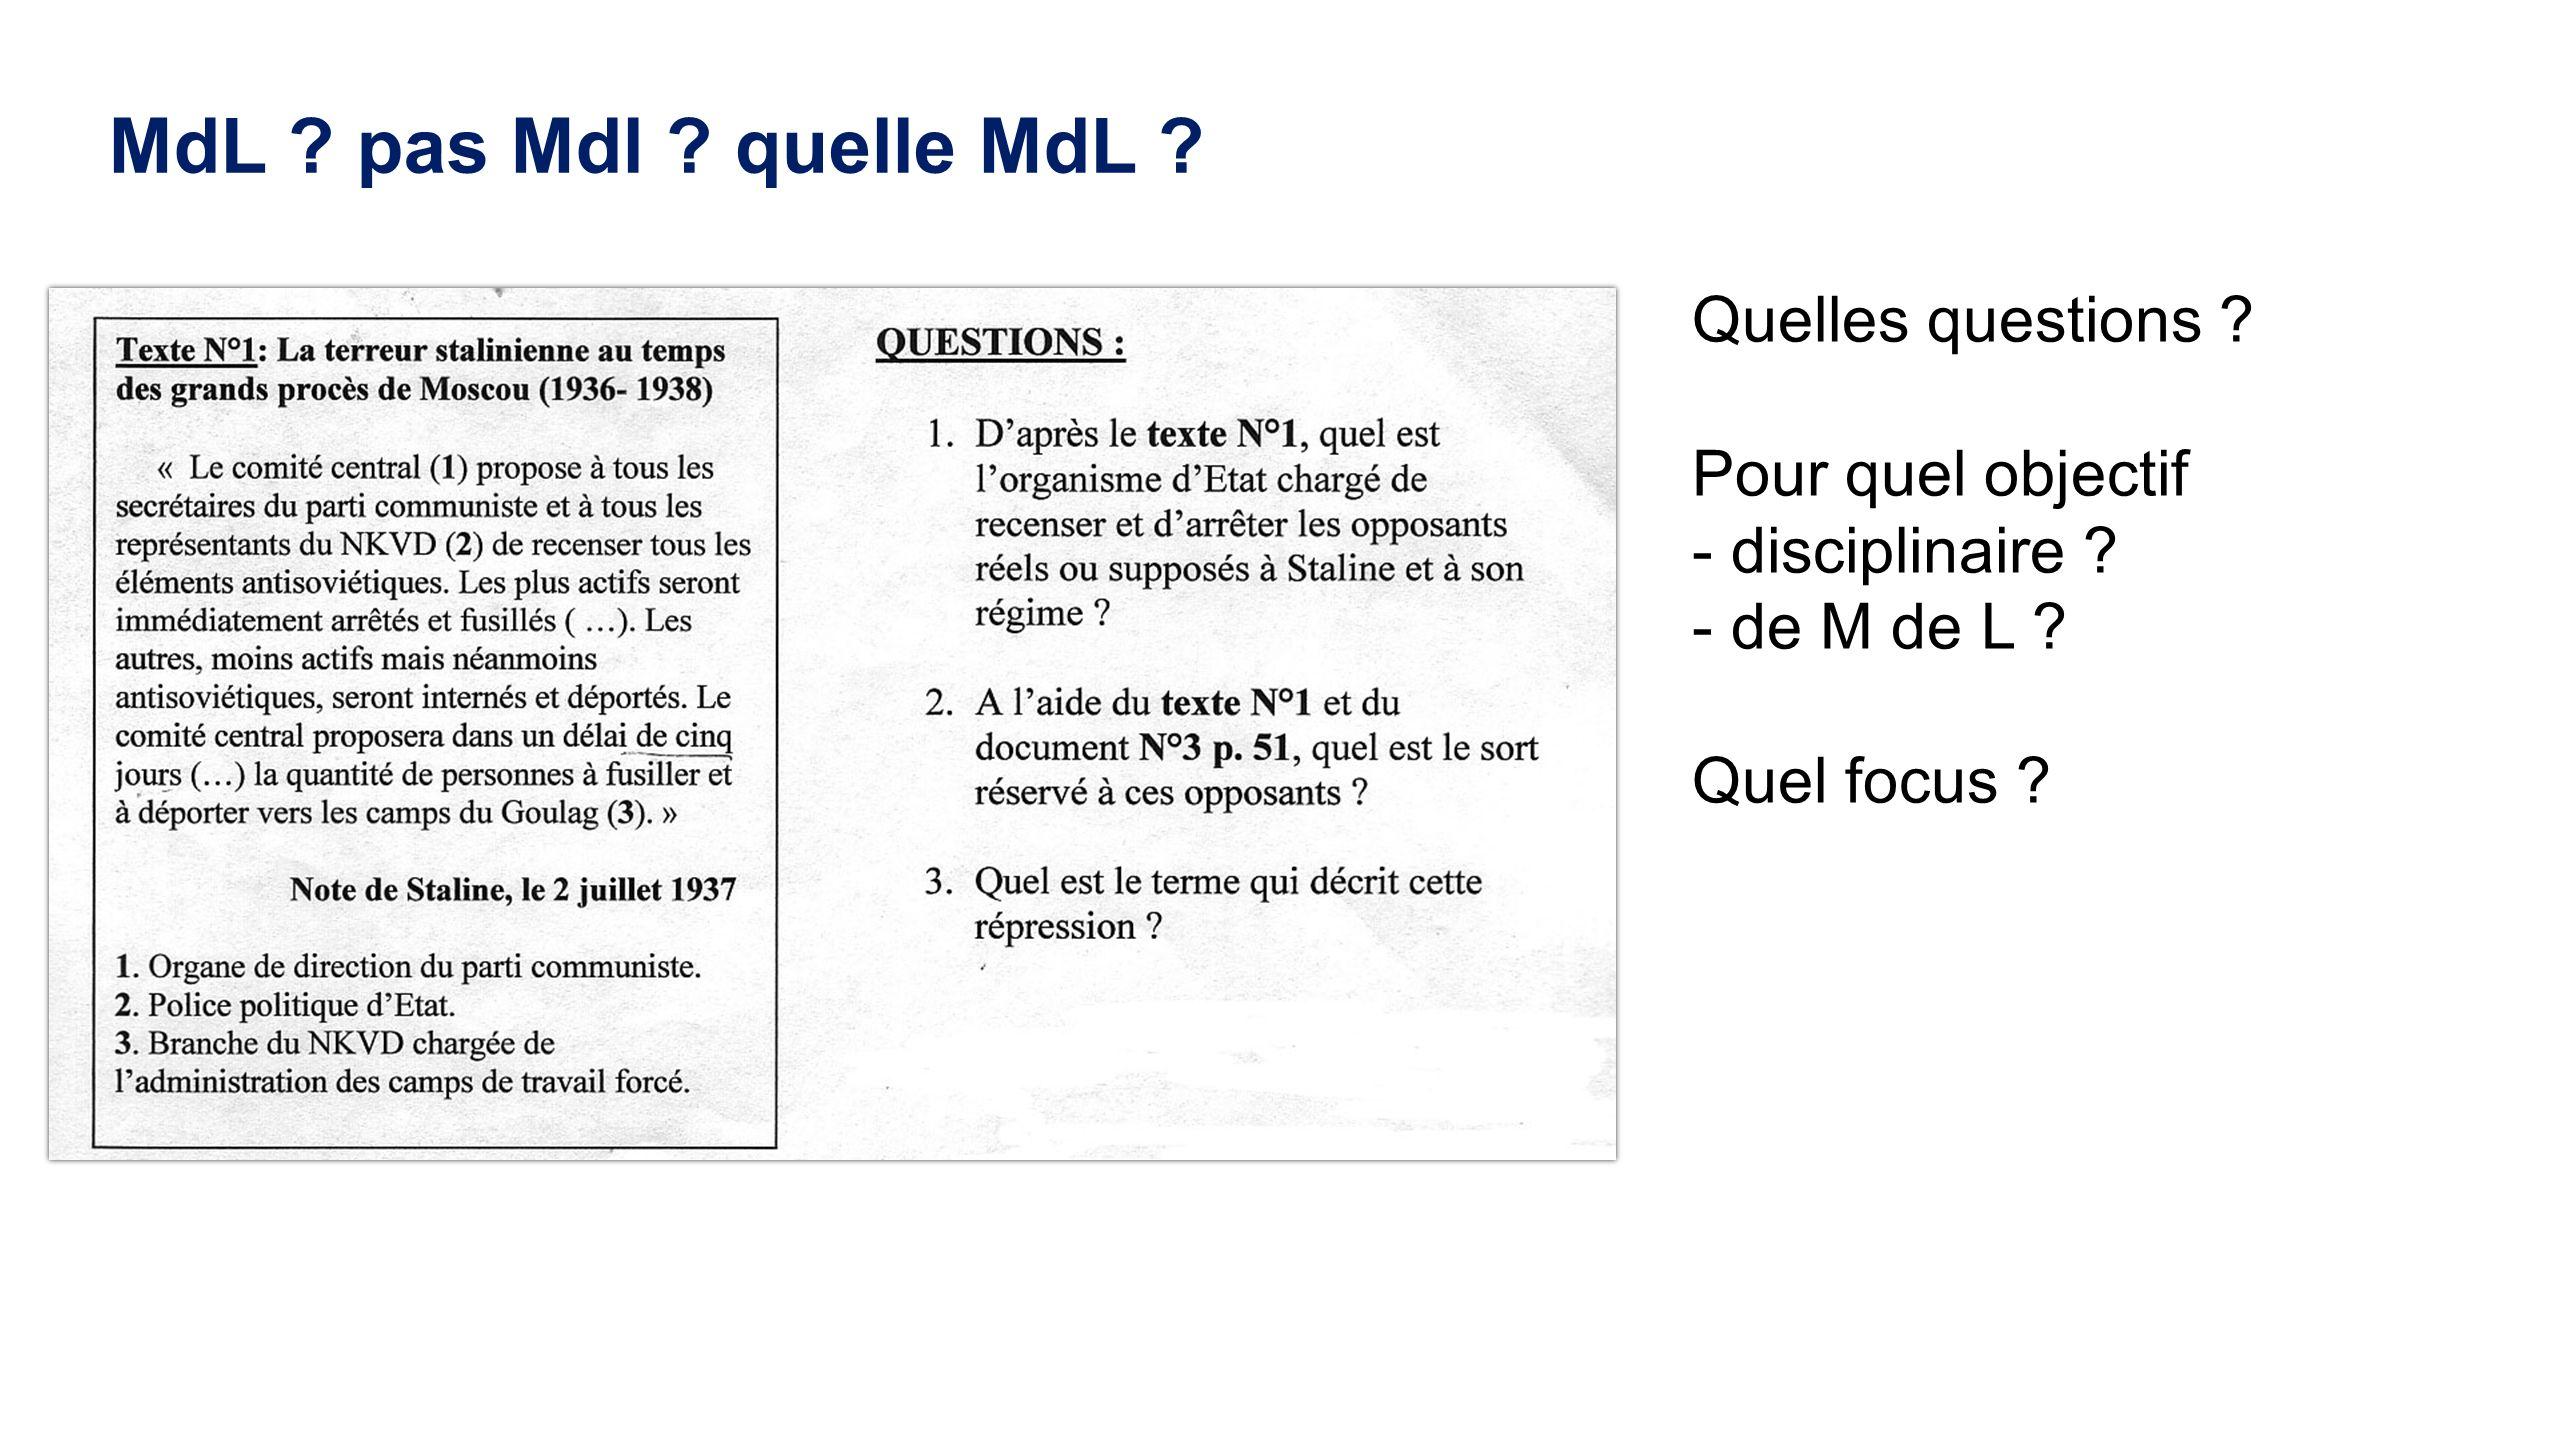 MdL ? pas Mdl ? quelle MdL ? Quelles questions ? Pour quel objectif - disciplinaire ? - de M de L ? Quel focus ?